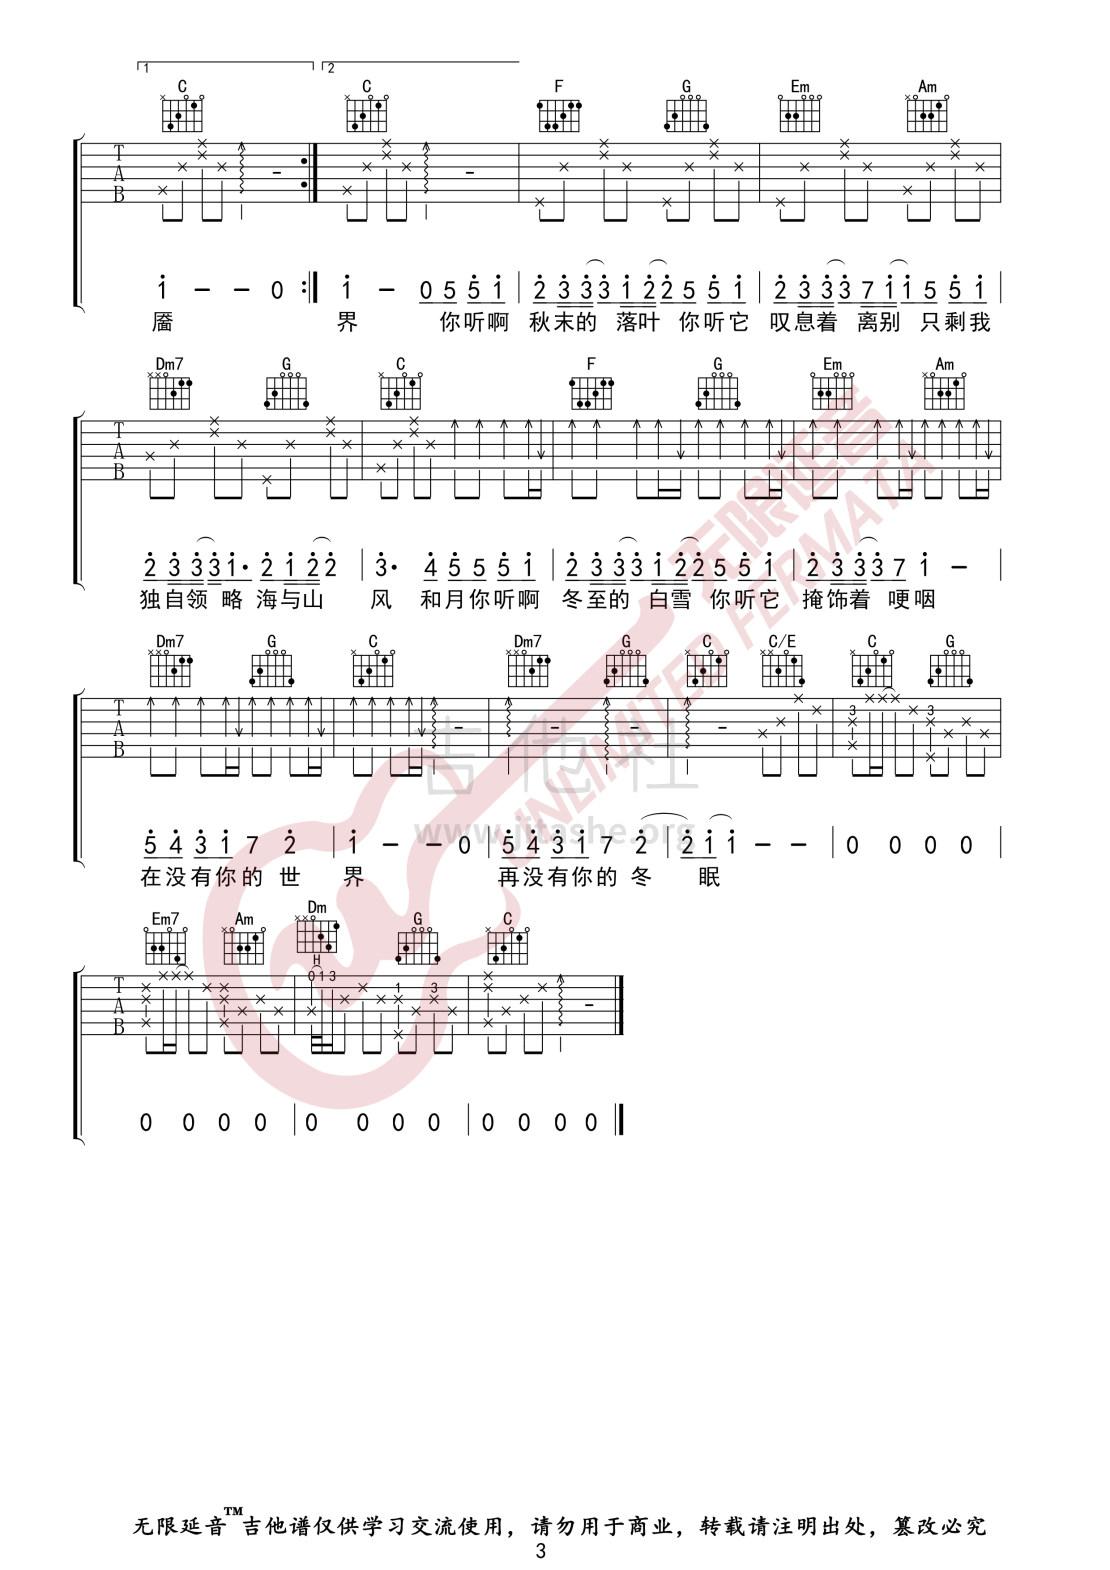 冬眠(無限延音編配)吉他譜(圖片譜,無限延音編配,彈唱)_司南_冬眠03.jpg